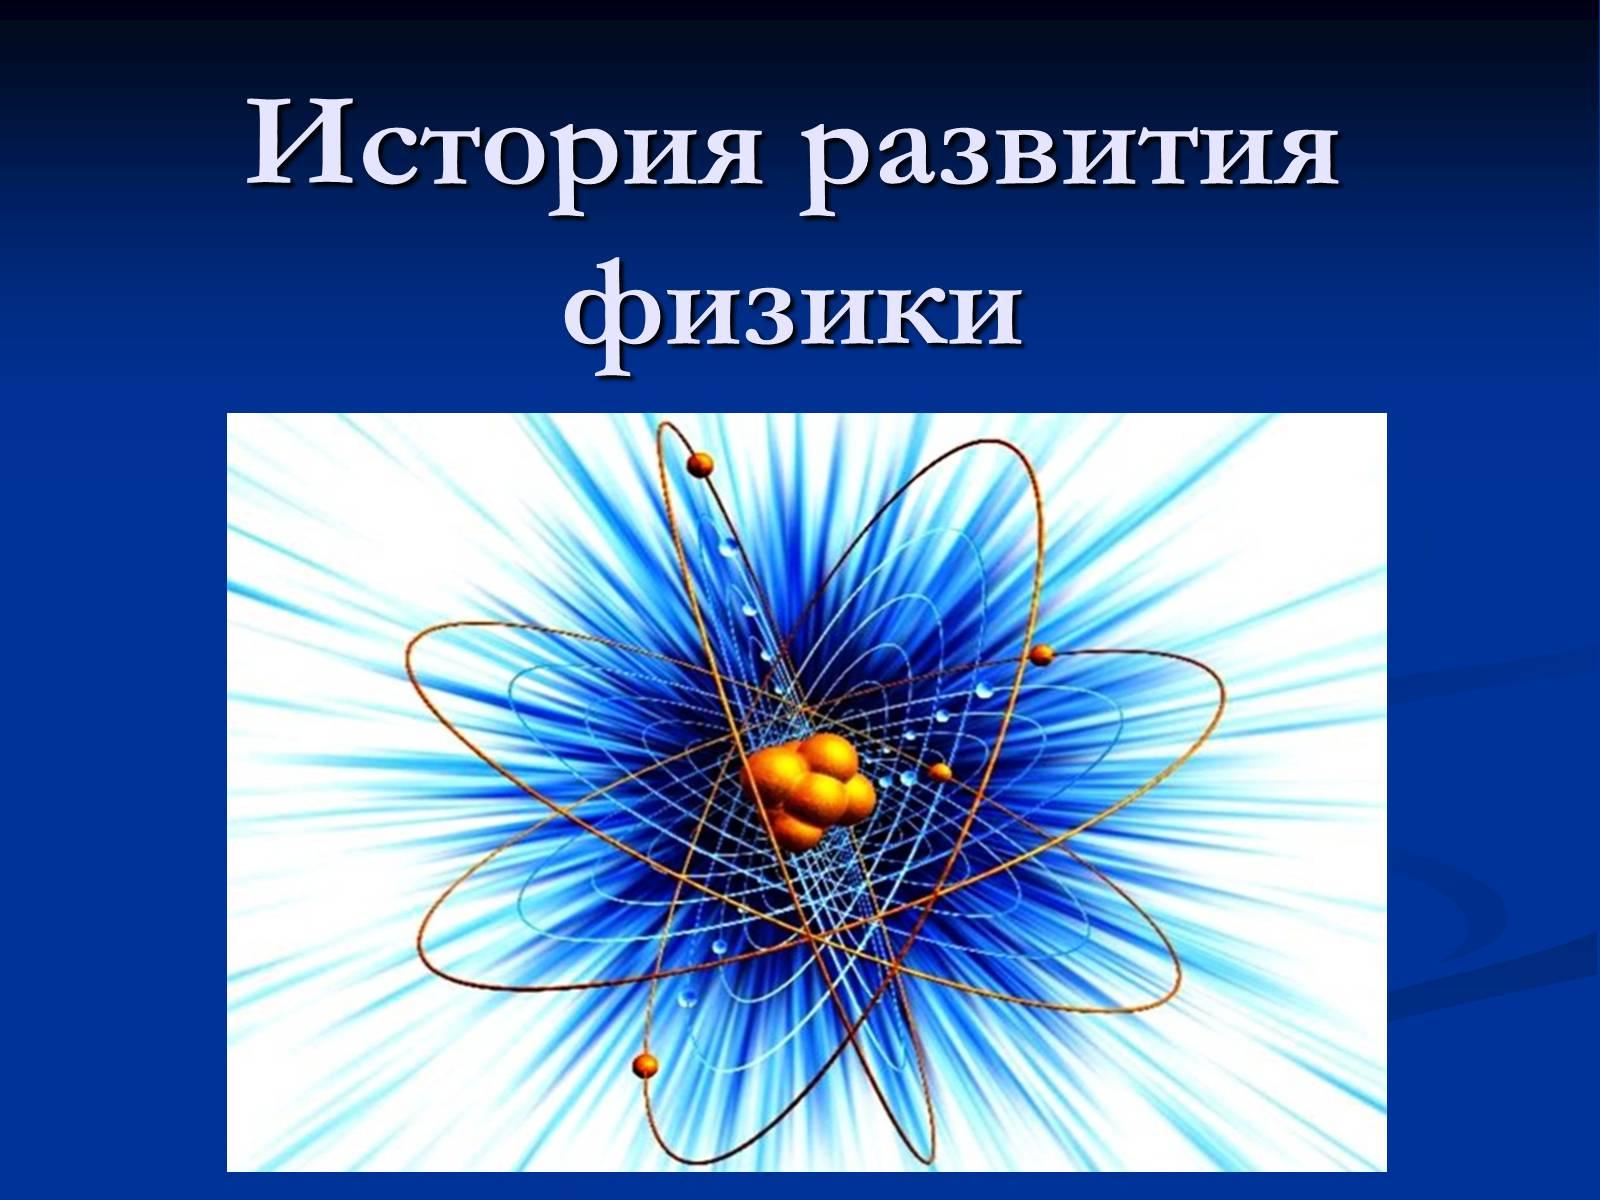 выбрать возникновение физики как науки в картинках нет, вполне можно